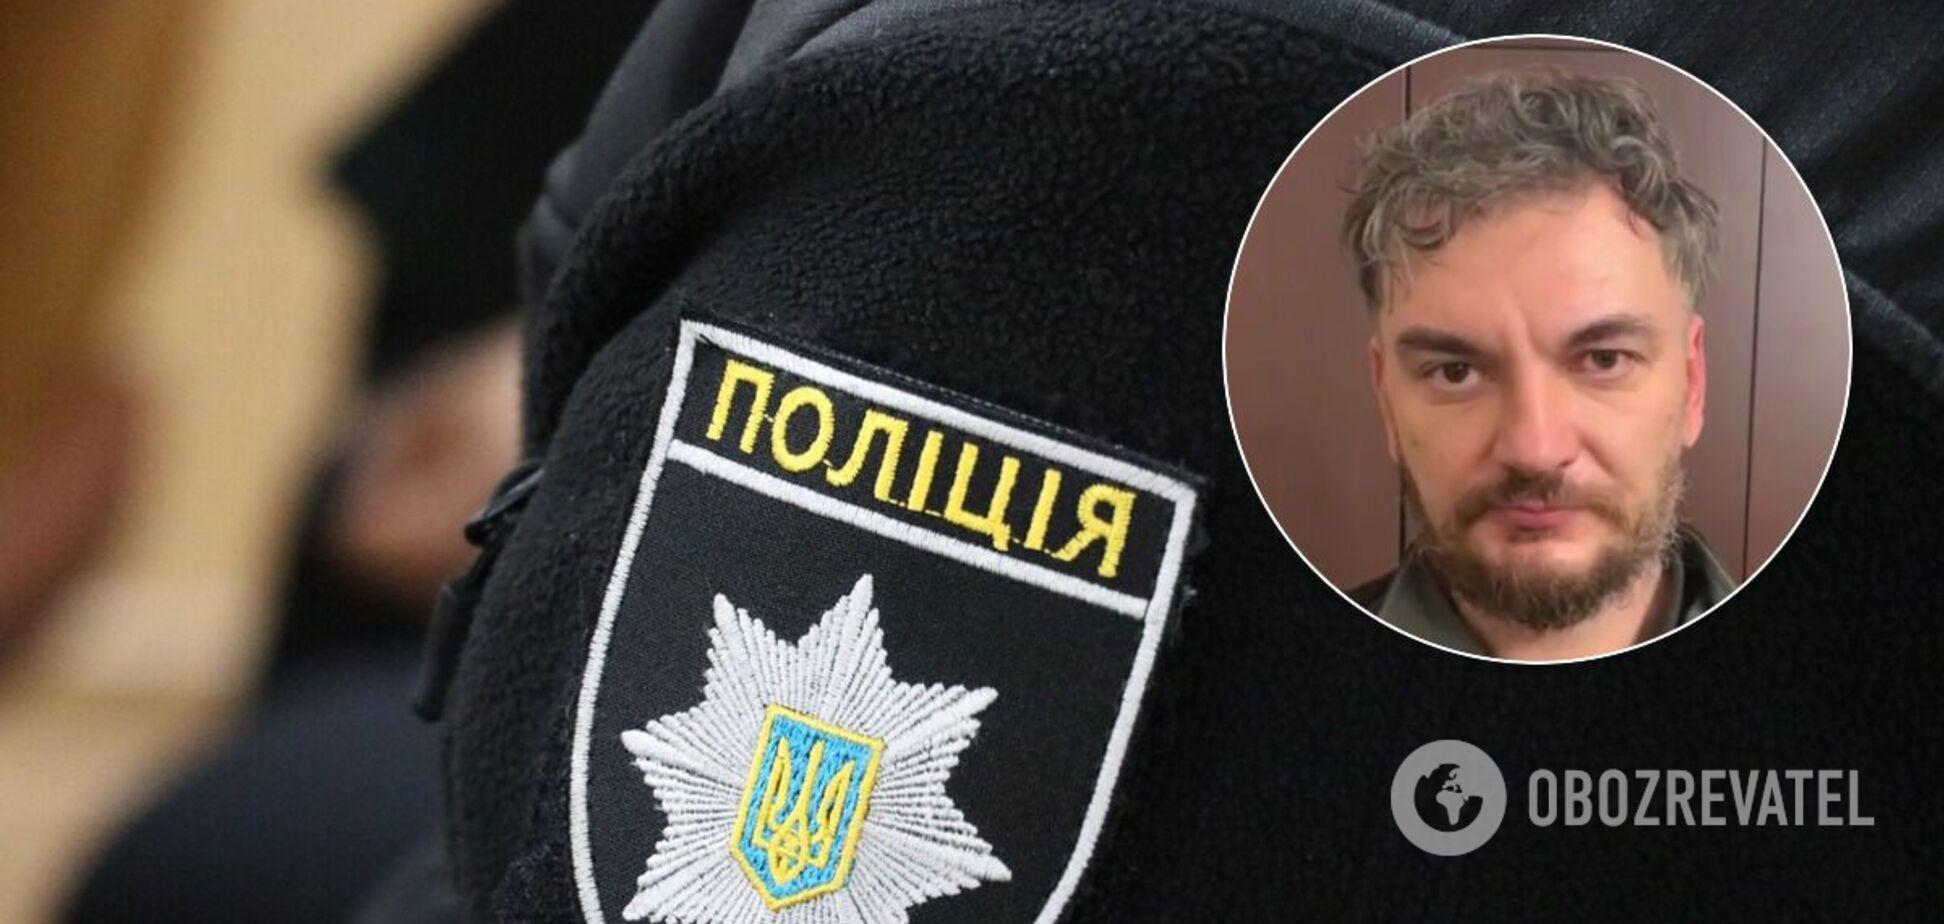 Убийство девушки в Киеве: волонтер признался в 'несчастном случае'